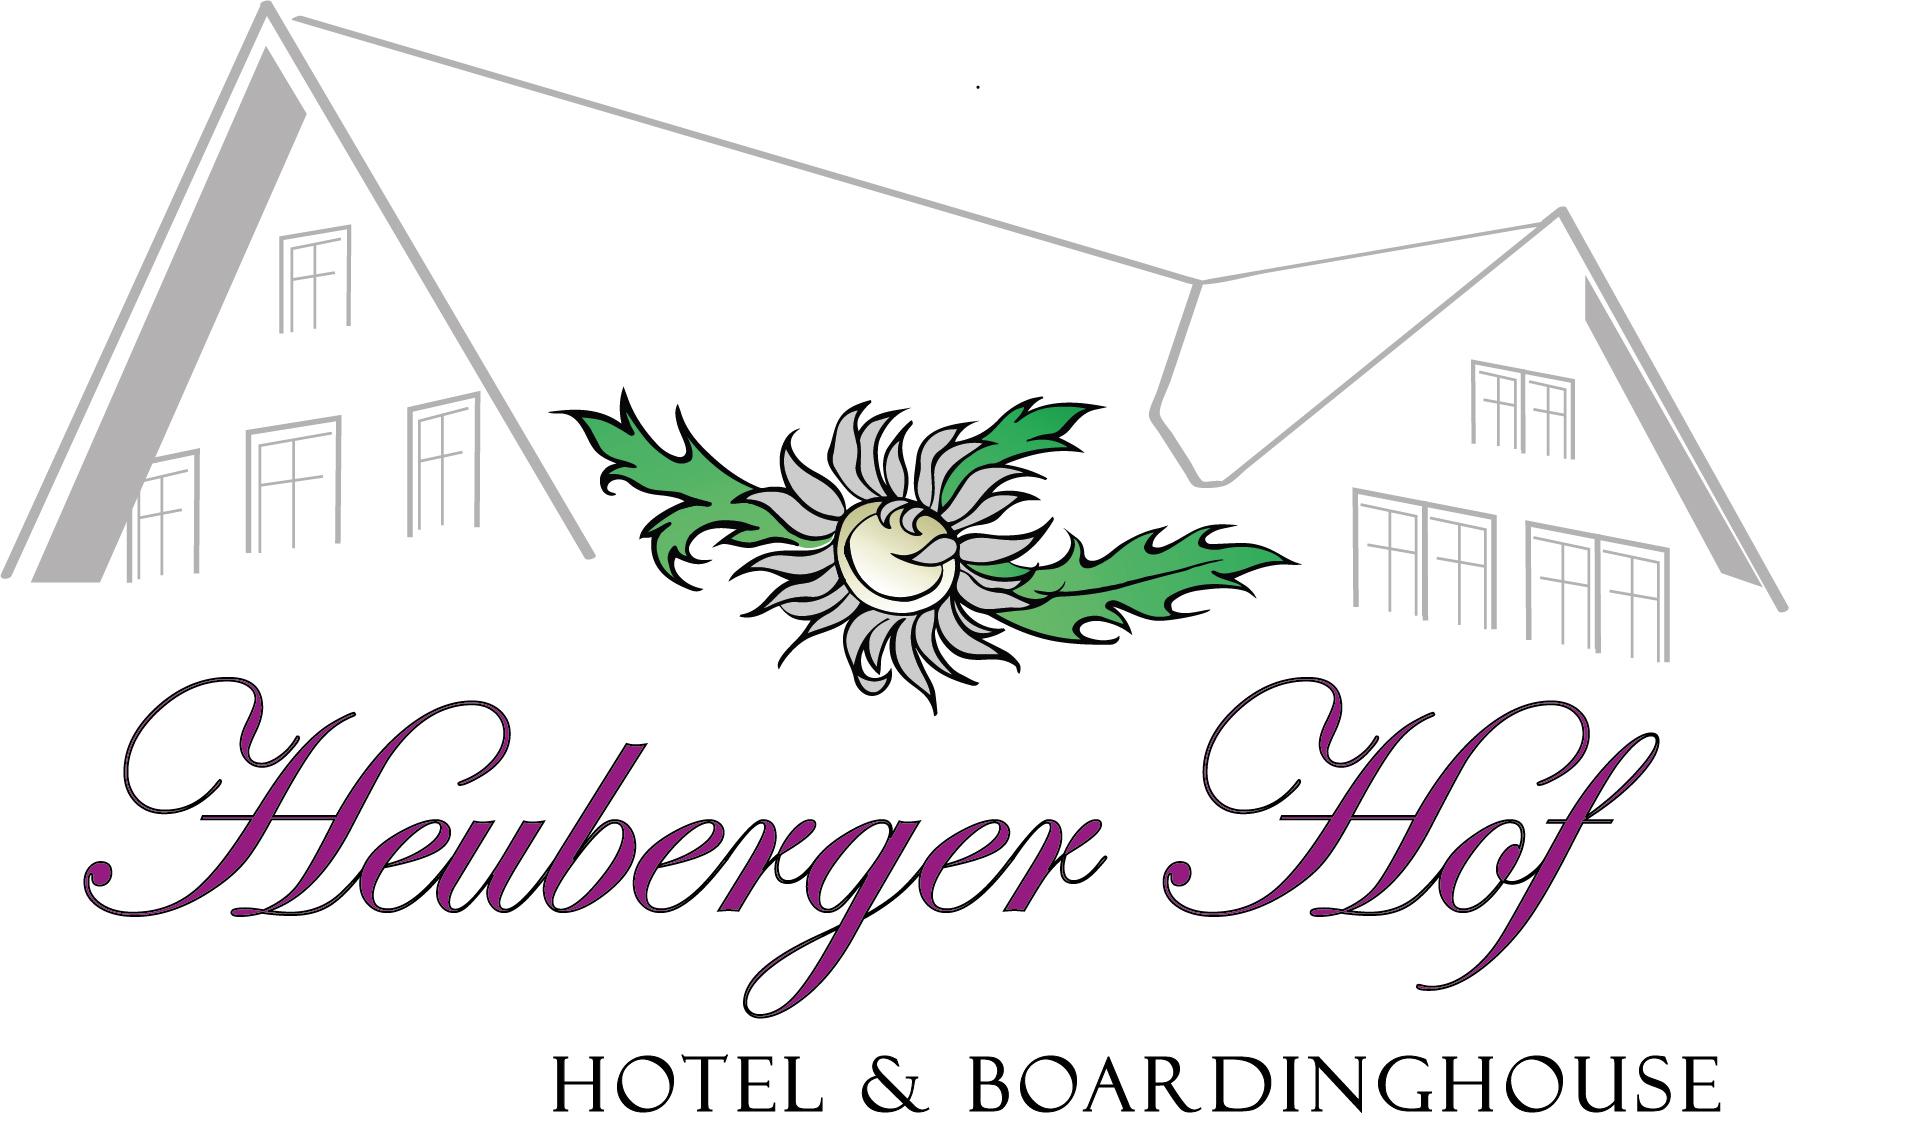 希爾伯格霍夫加尼酒店